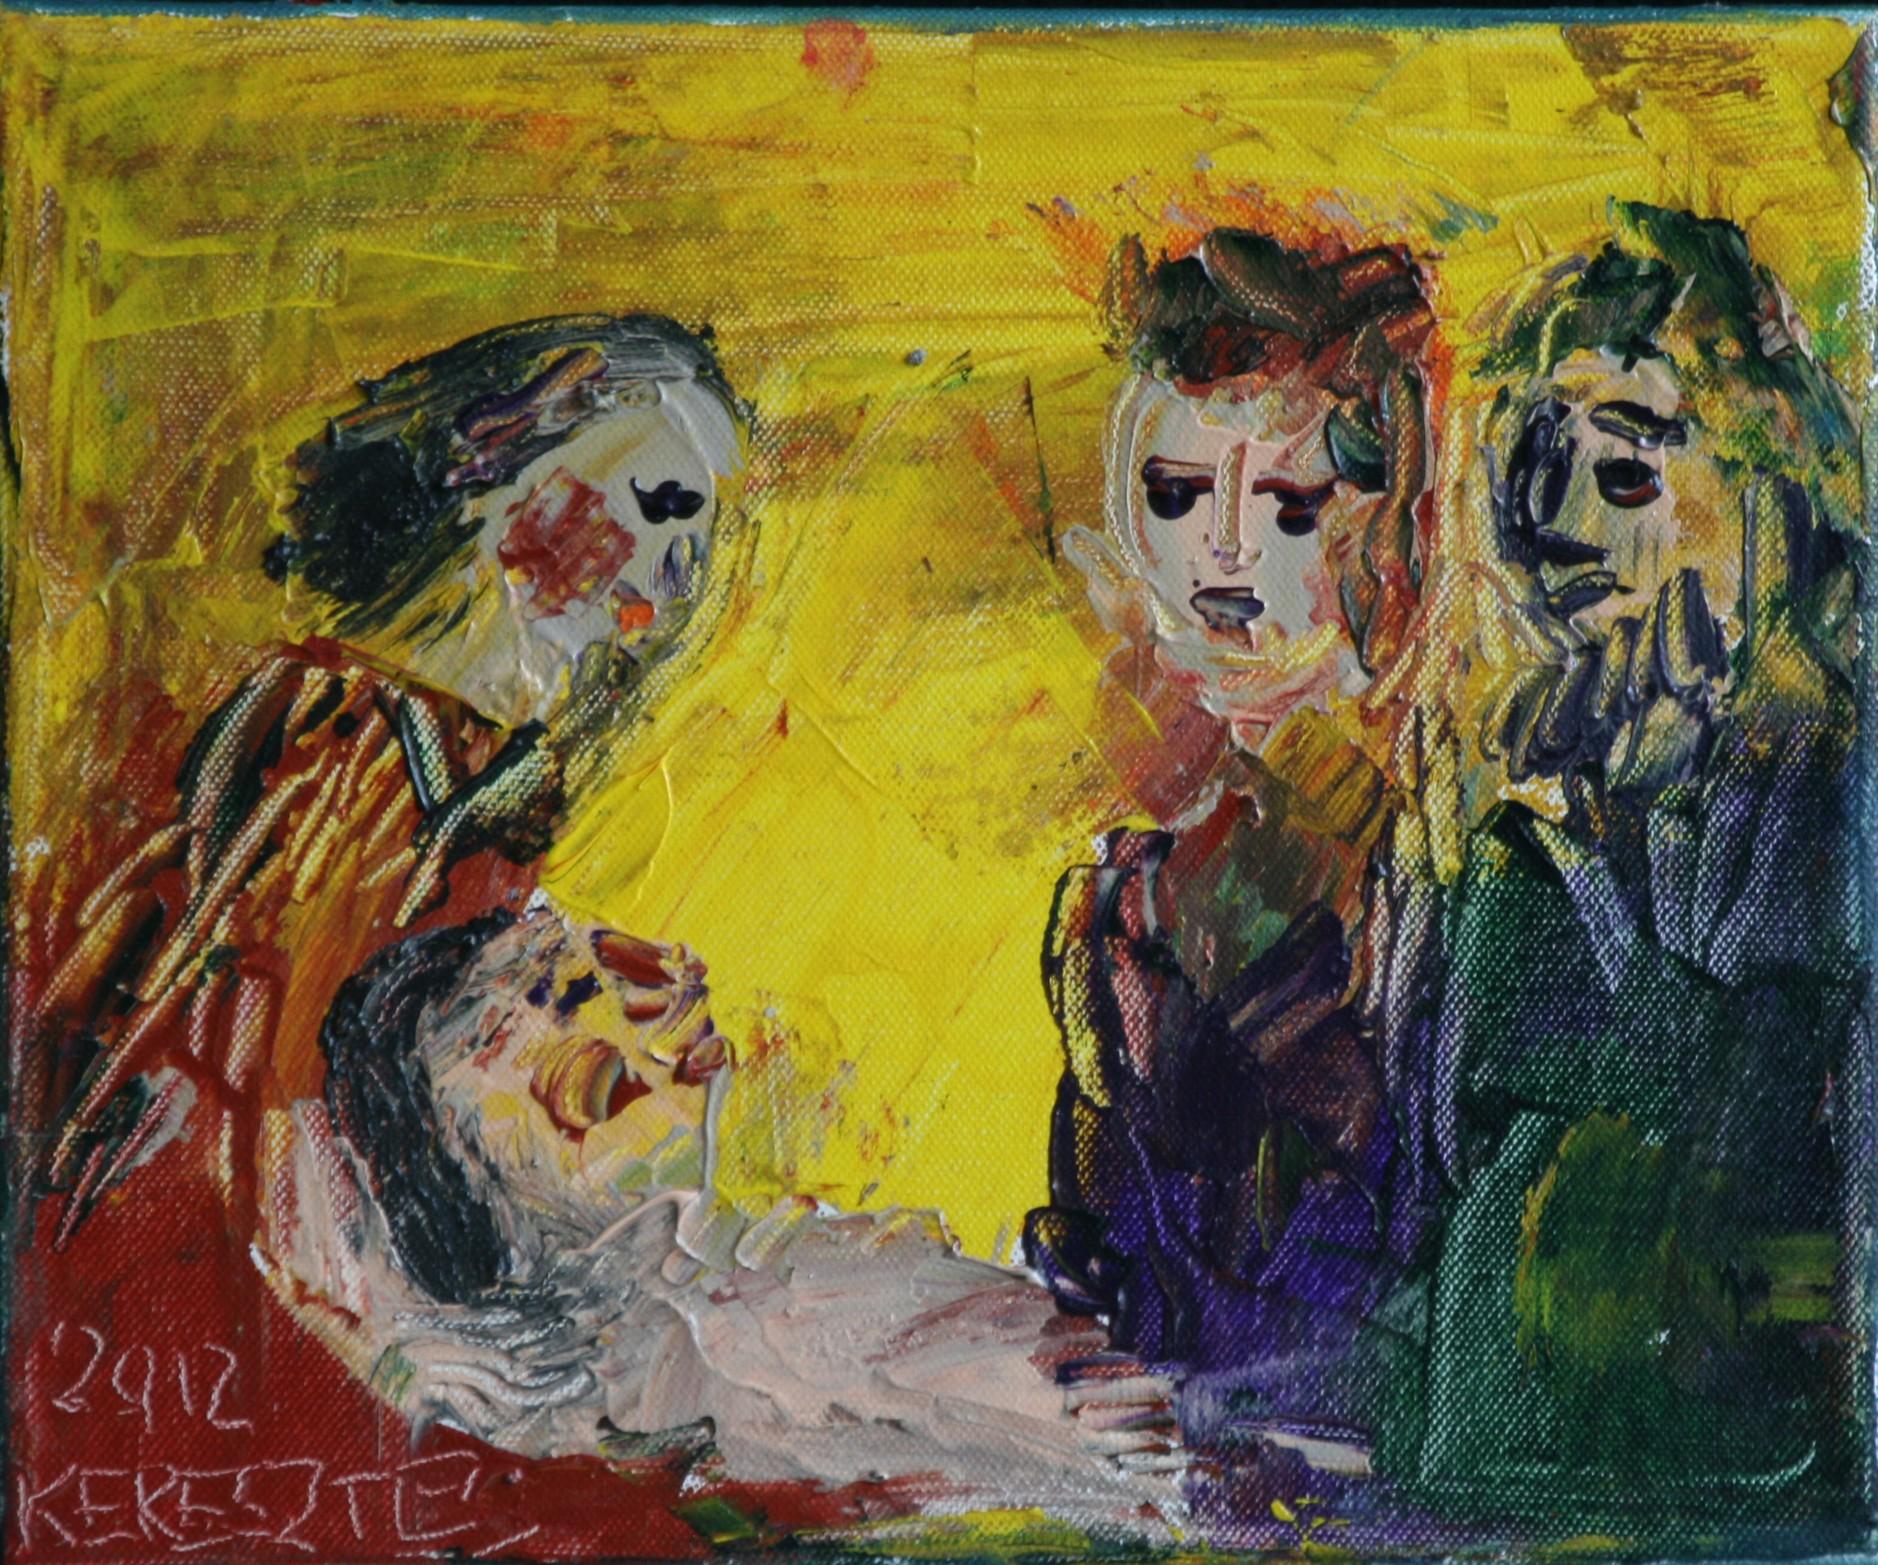 toile fraternite - magdalena keresztes, artiste peintre à amiens